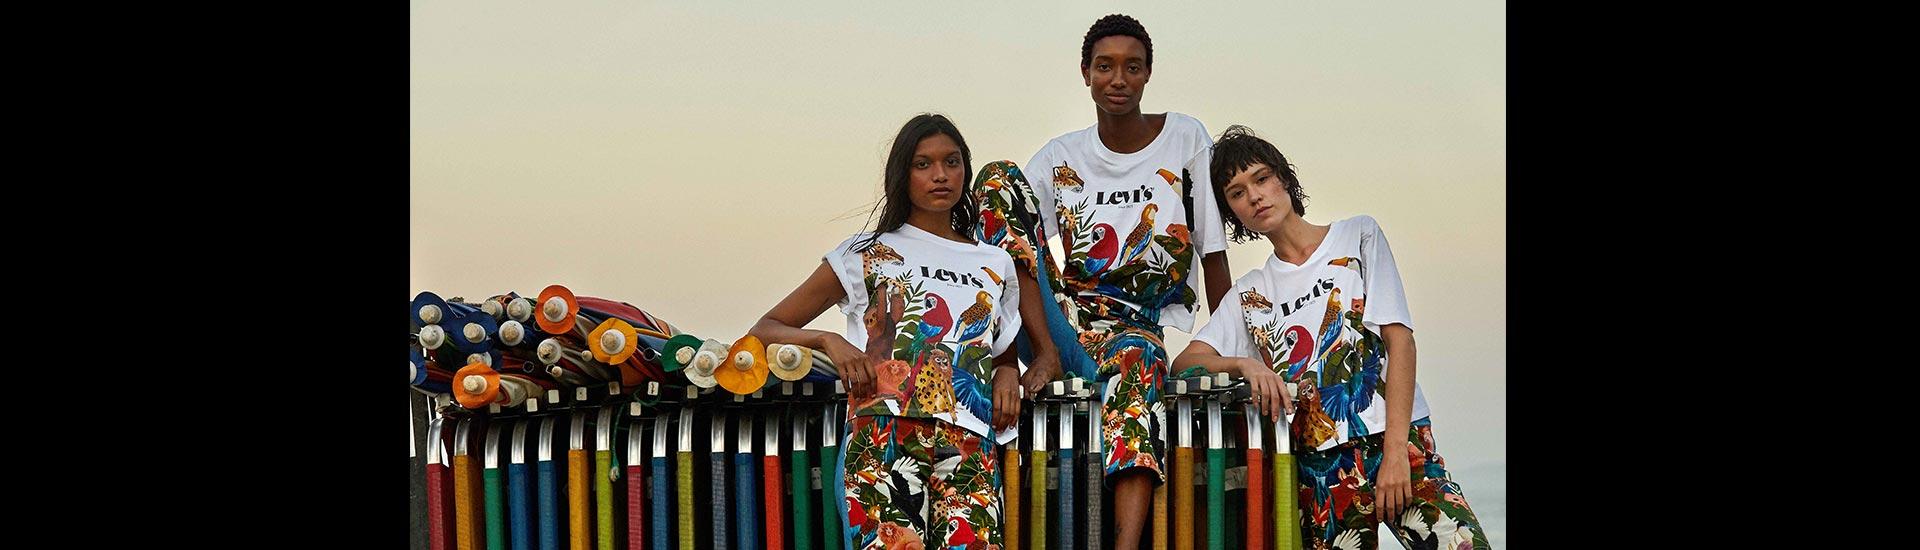 復興館6F  LEVI'S® x FARM Rio聯名系列 提倡文化美學